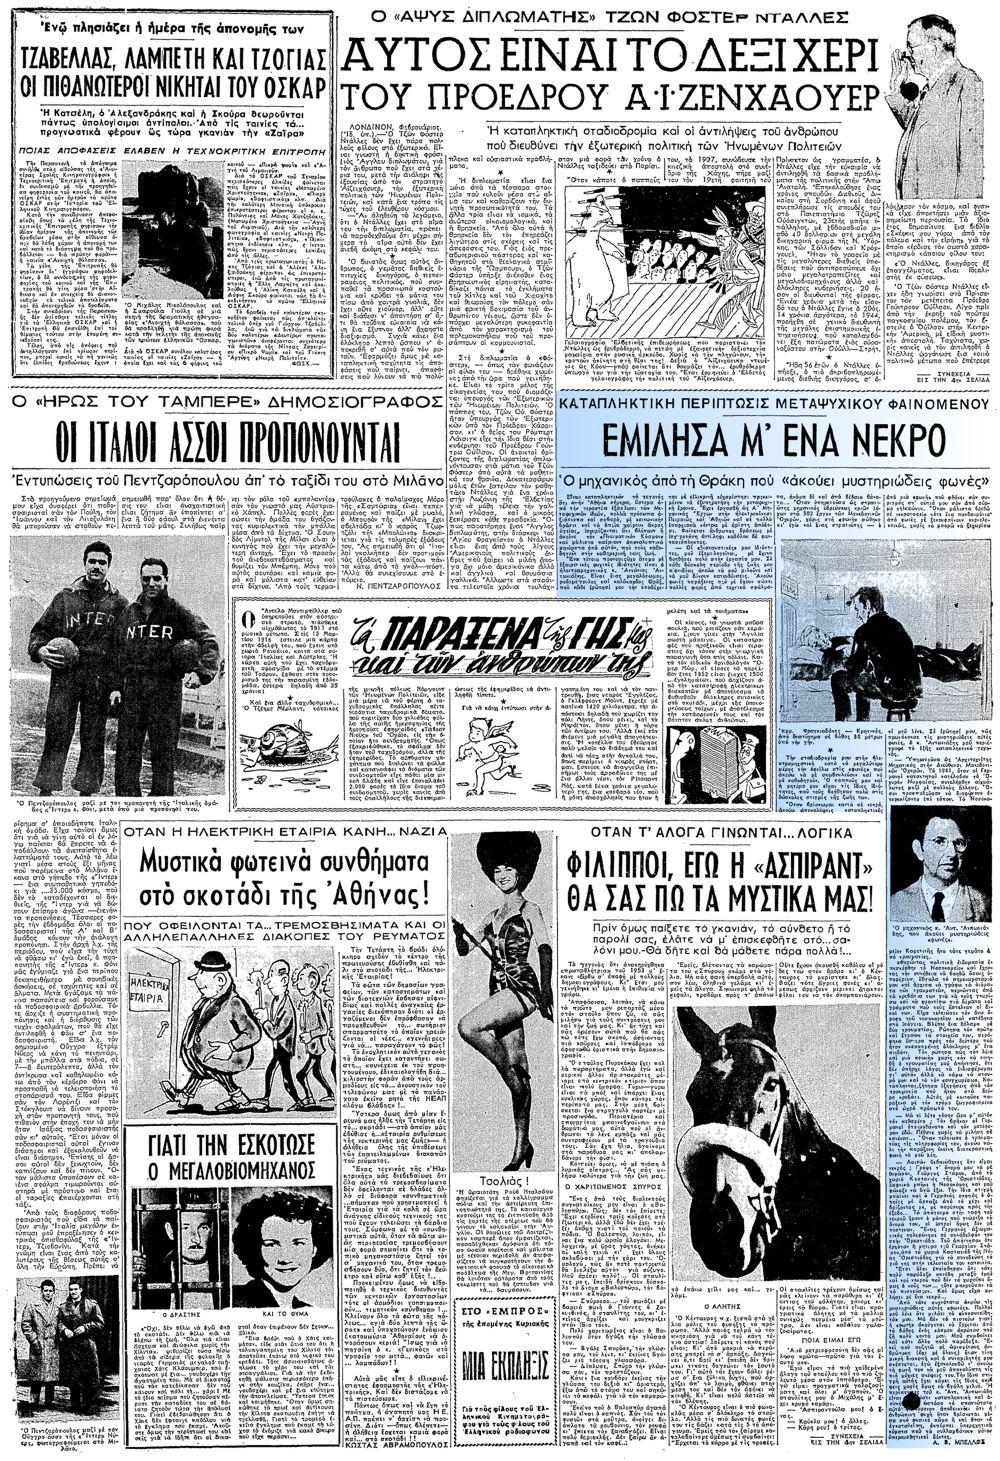 """Το άρθρο, όπως δημοσιεύθηκε στην εφημερίδα """"ΕΜΠΡΟΣ"""", στις 22/02/1953"""